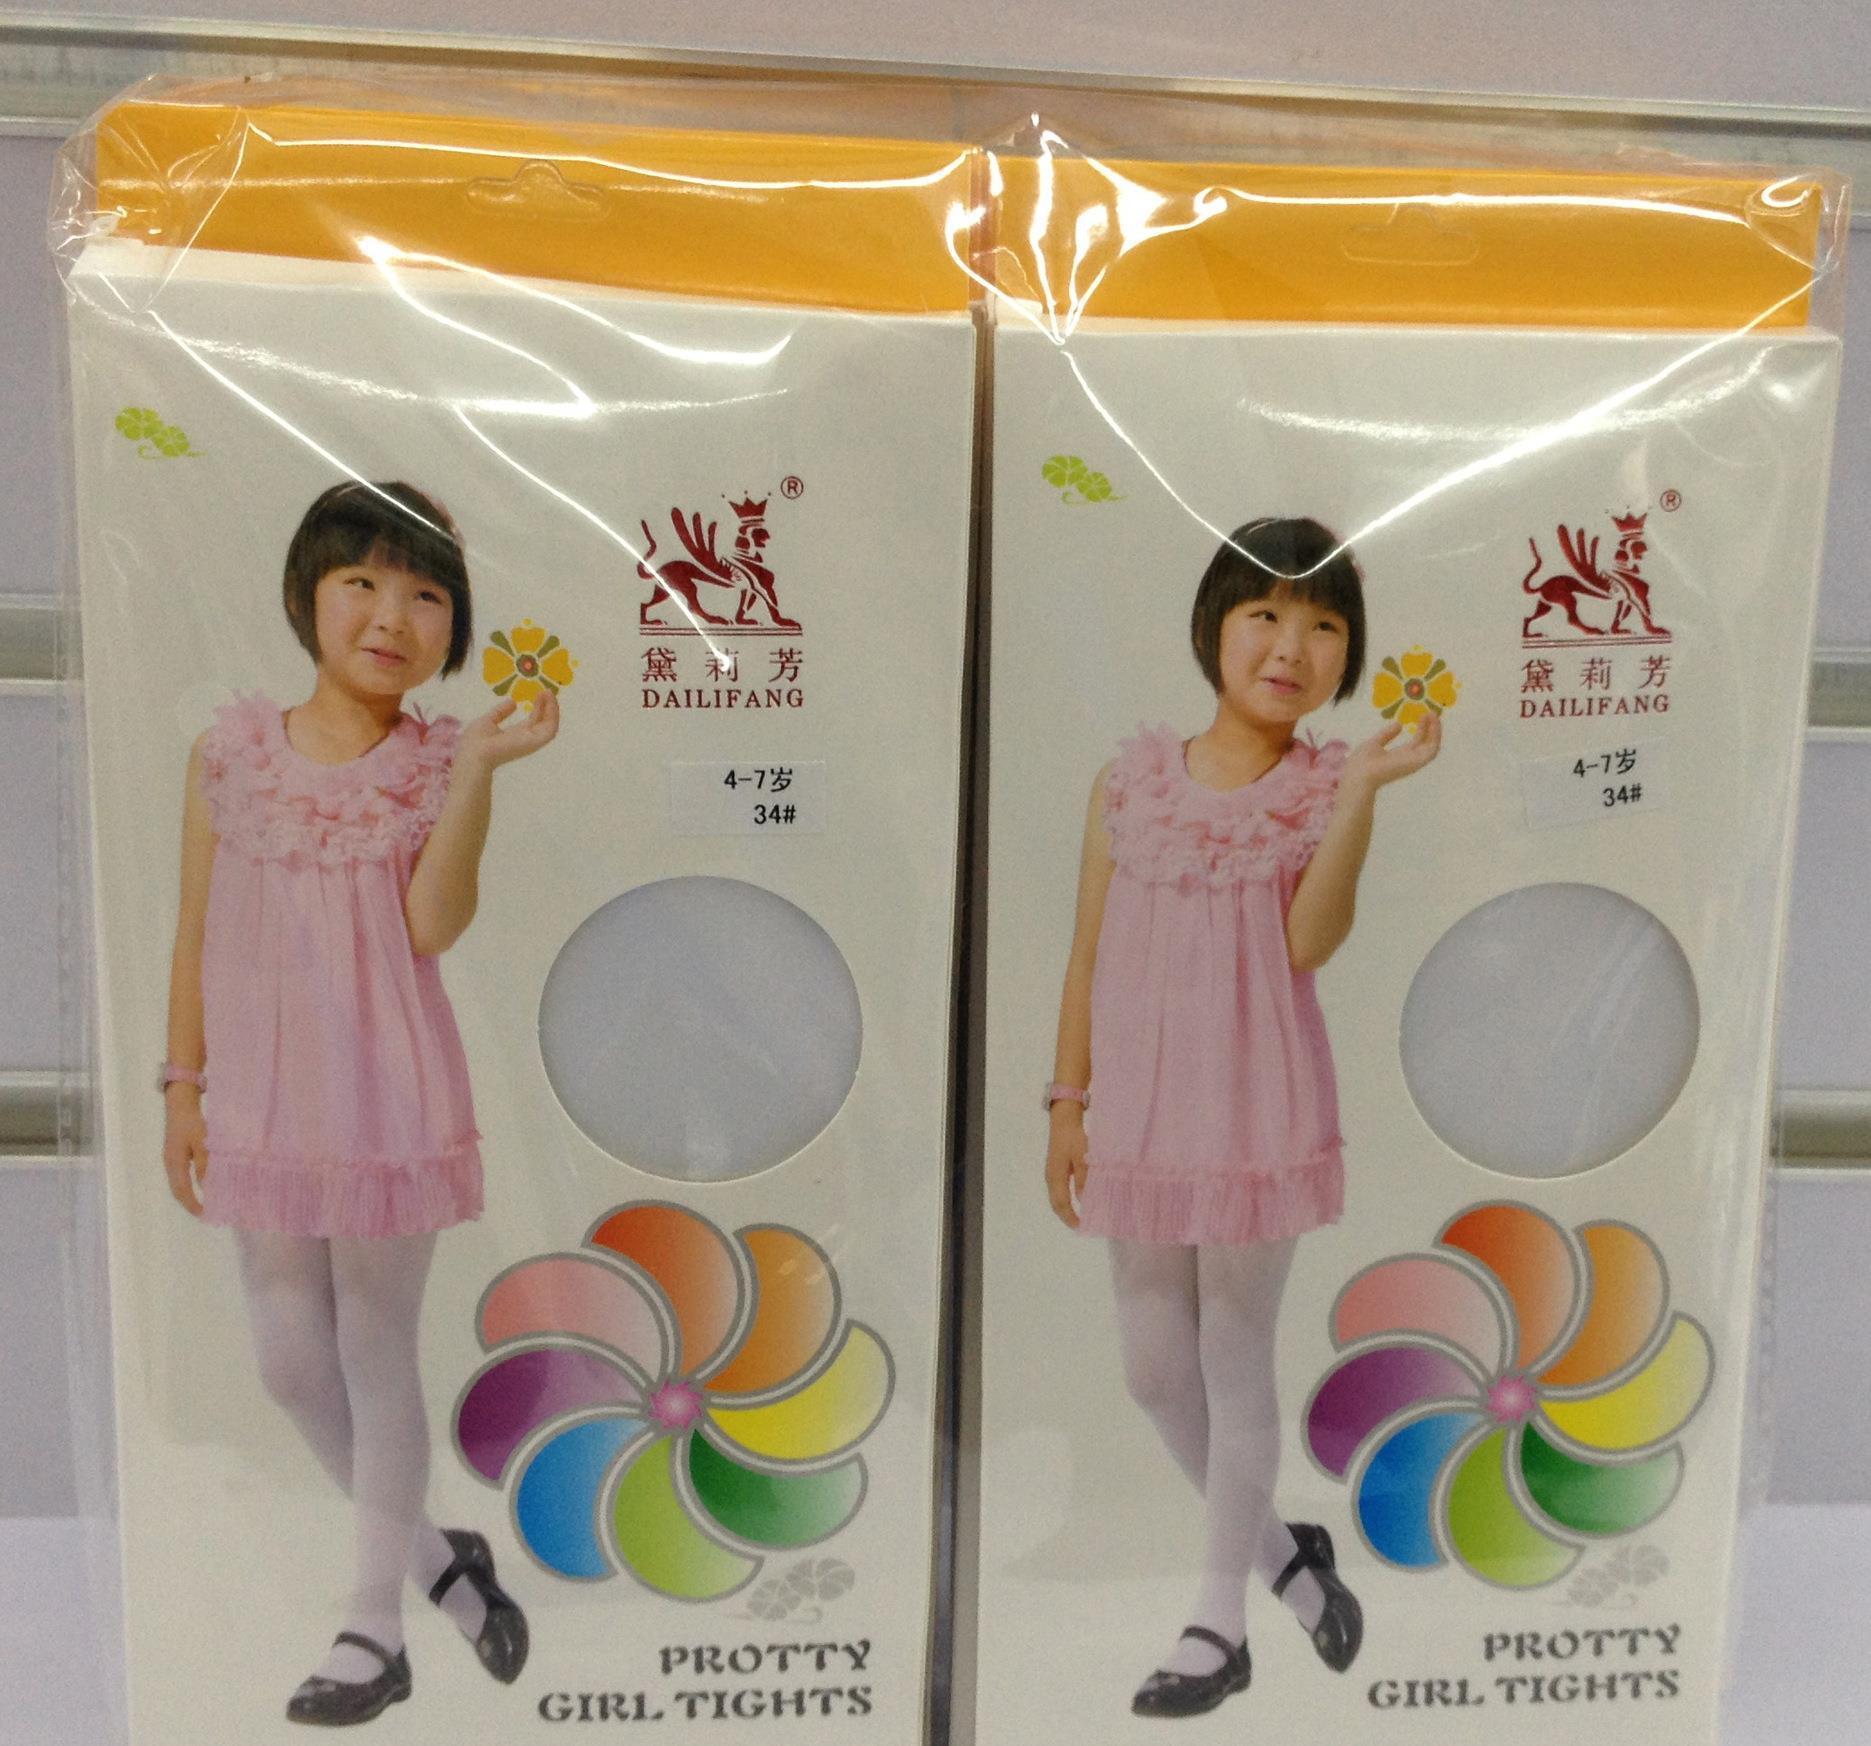 黛莉芳儿童连裤袜女幼儿园舞蹈表演打底丝袜外贸白色九分袜